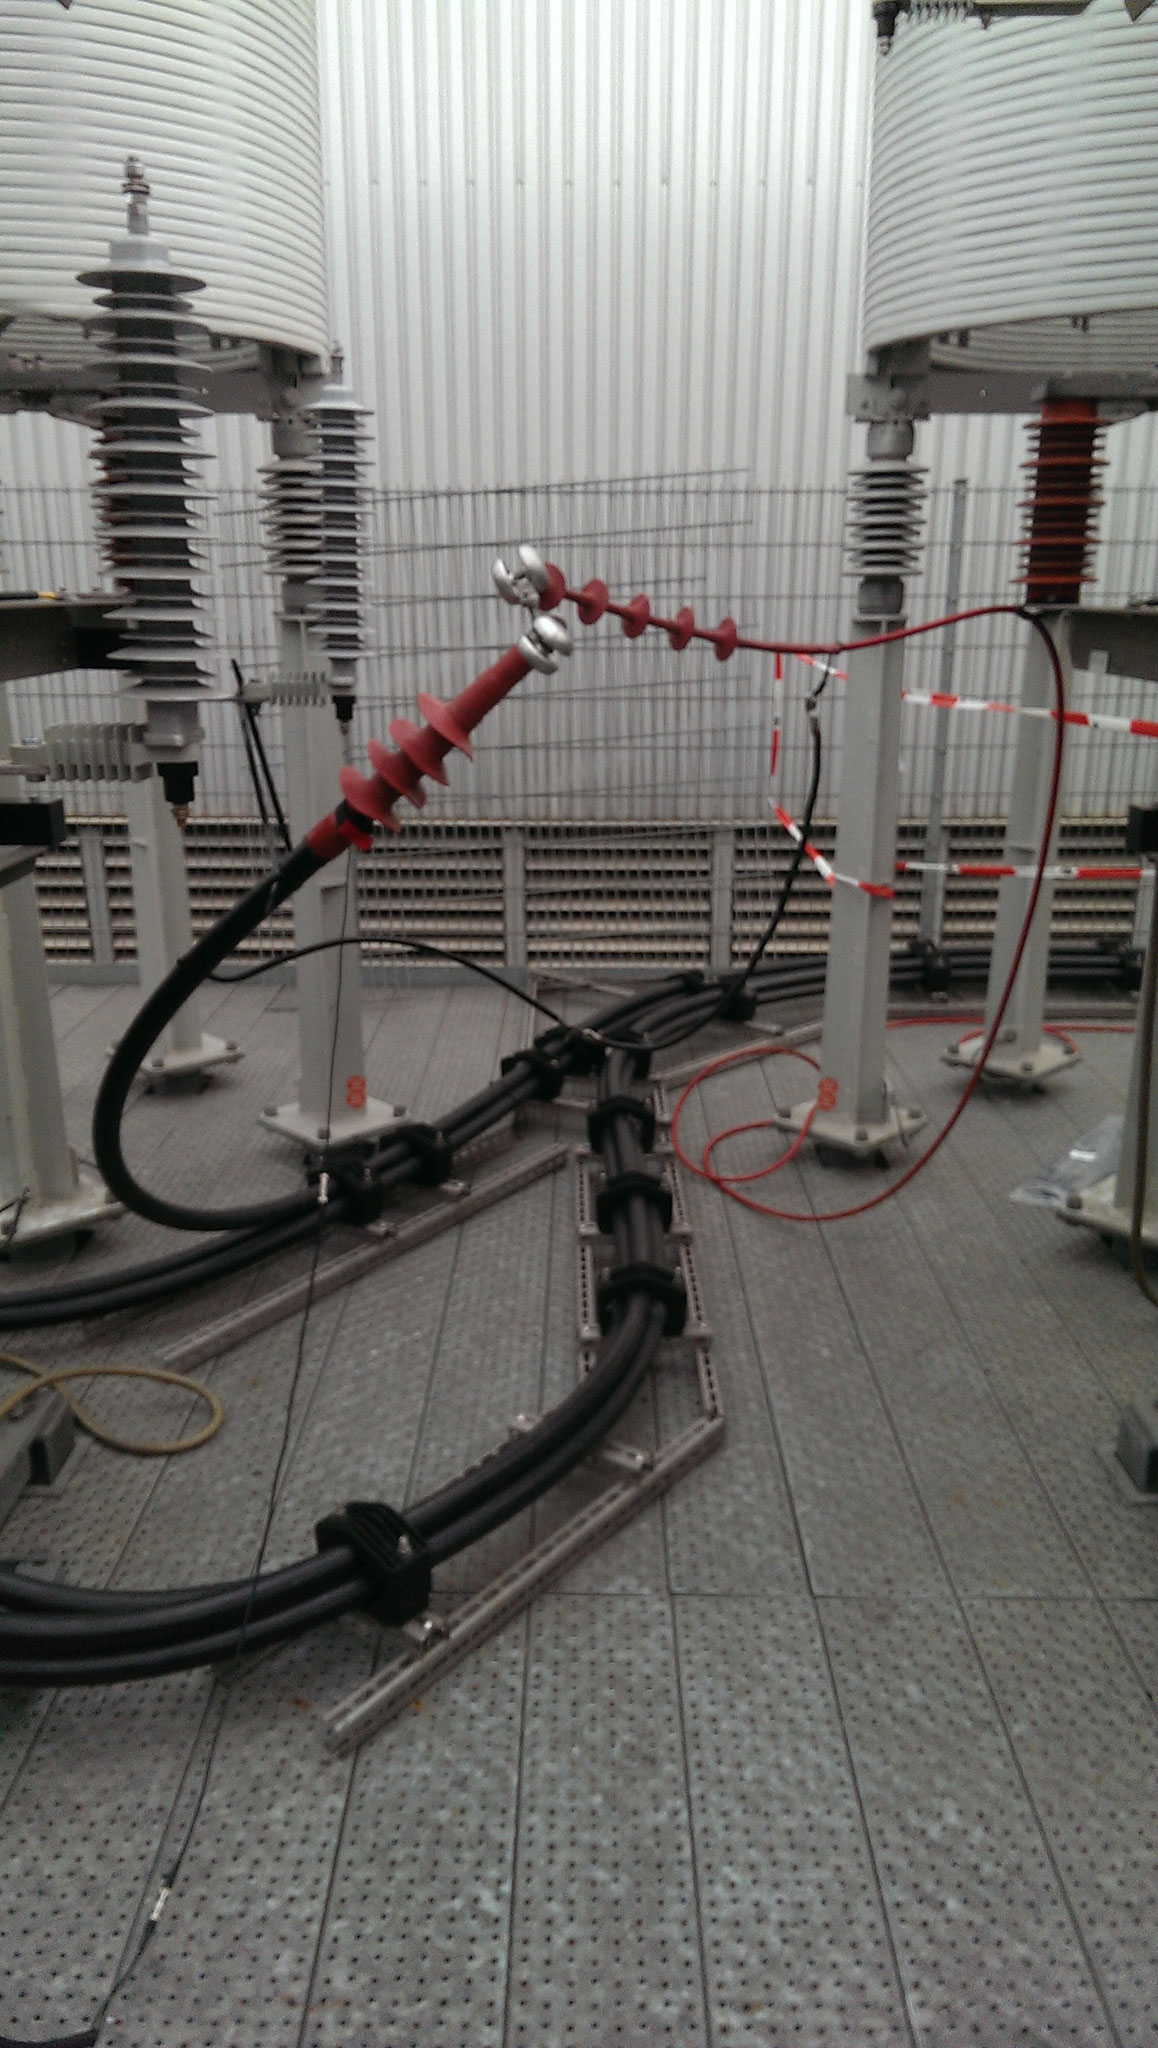 Alterungs- bzw. Fehlerdiagnose am 30 kV-VPE-Kabel (ca. 50 m) von 2014